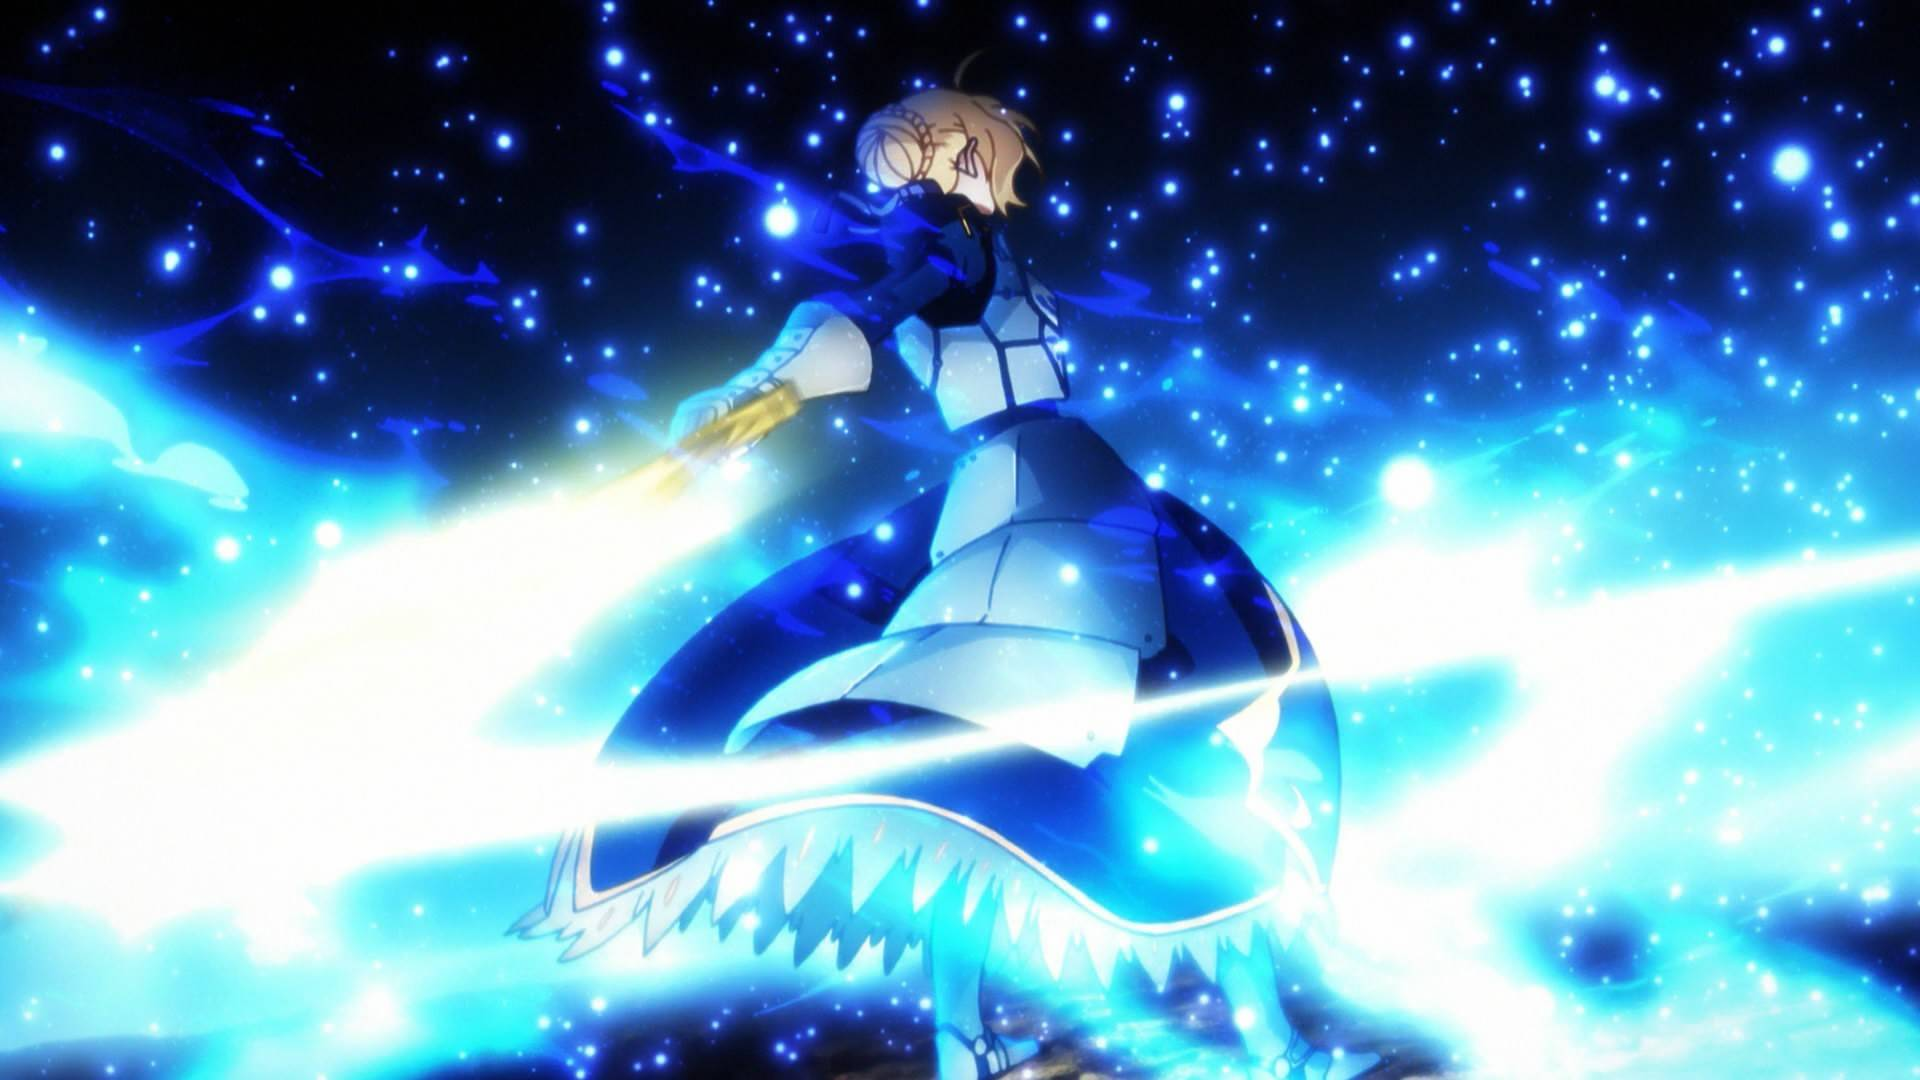 Fate Zero Saber Wallpaper Saber fatezero 19201080 1920x1080